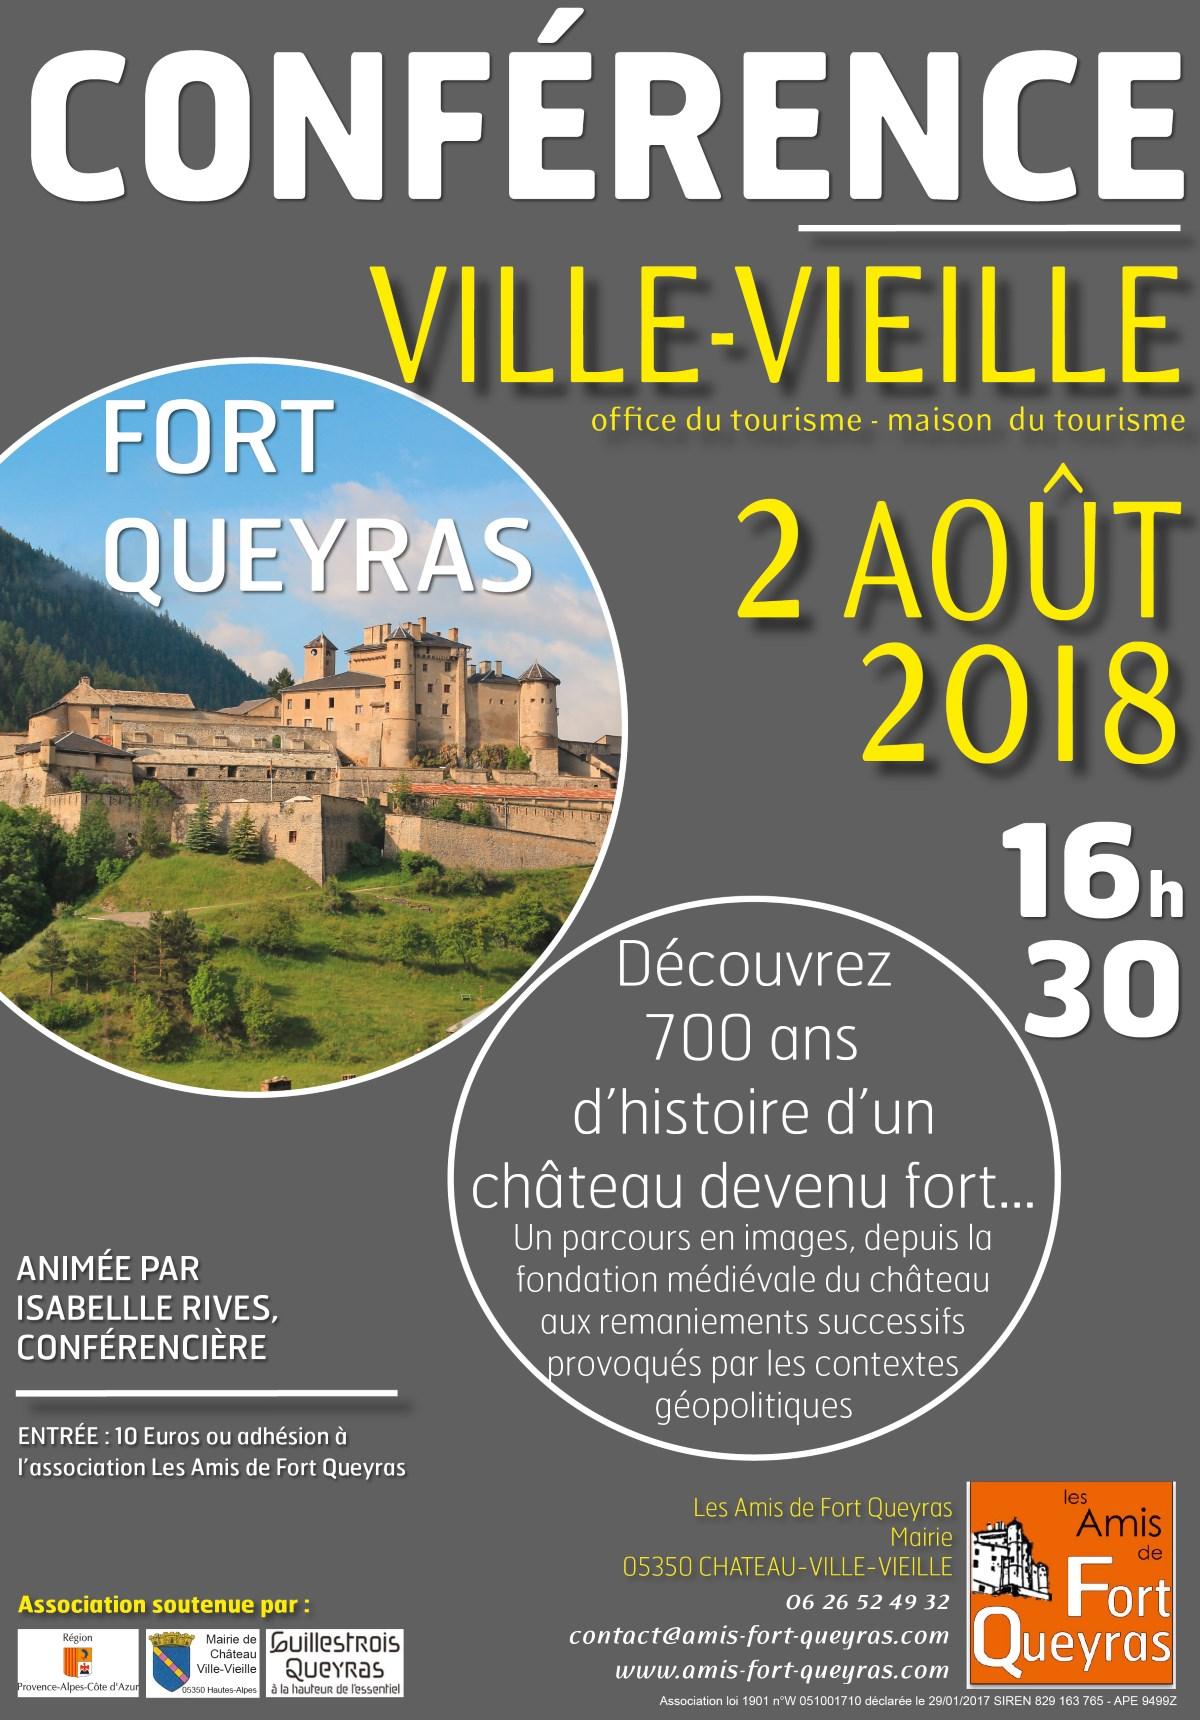 Affiche de la Conférence Fort Queyras 2 Août 2018